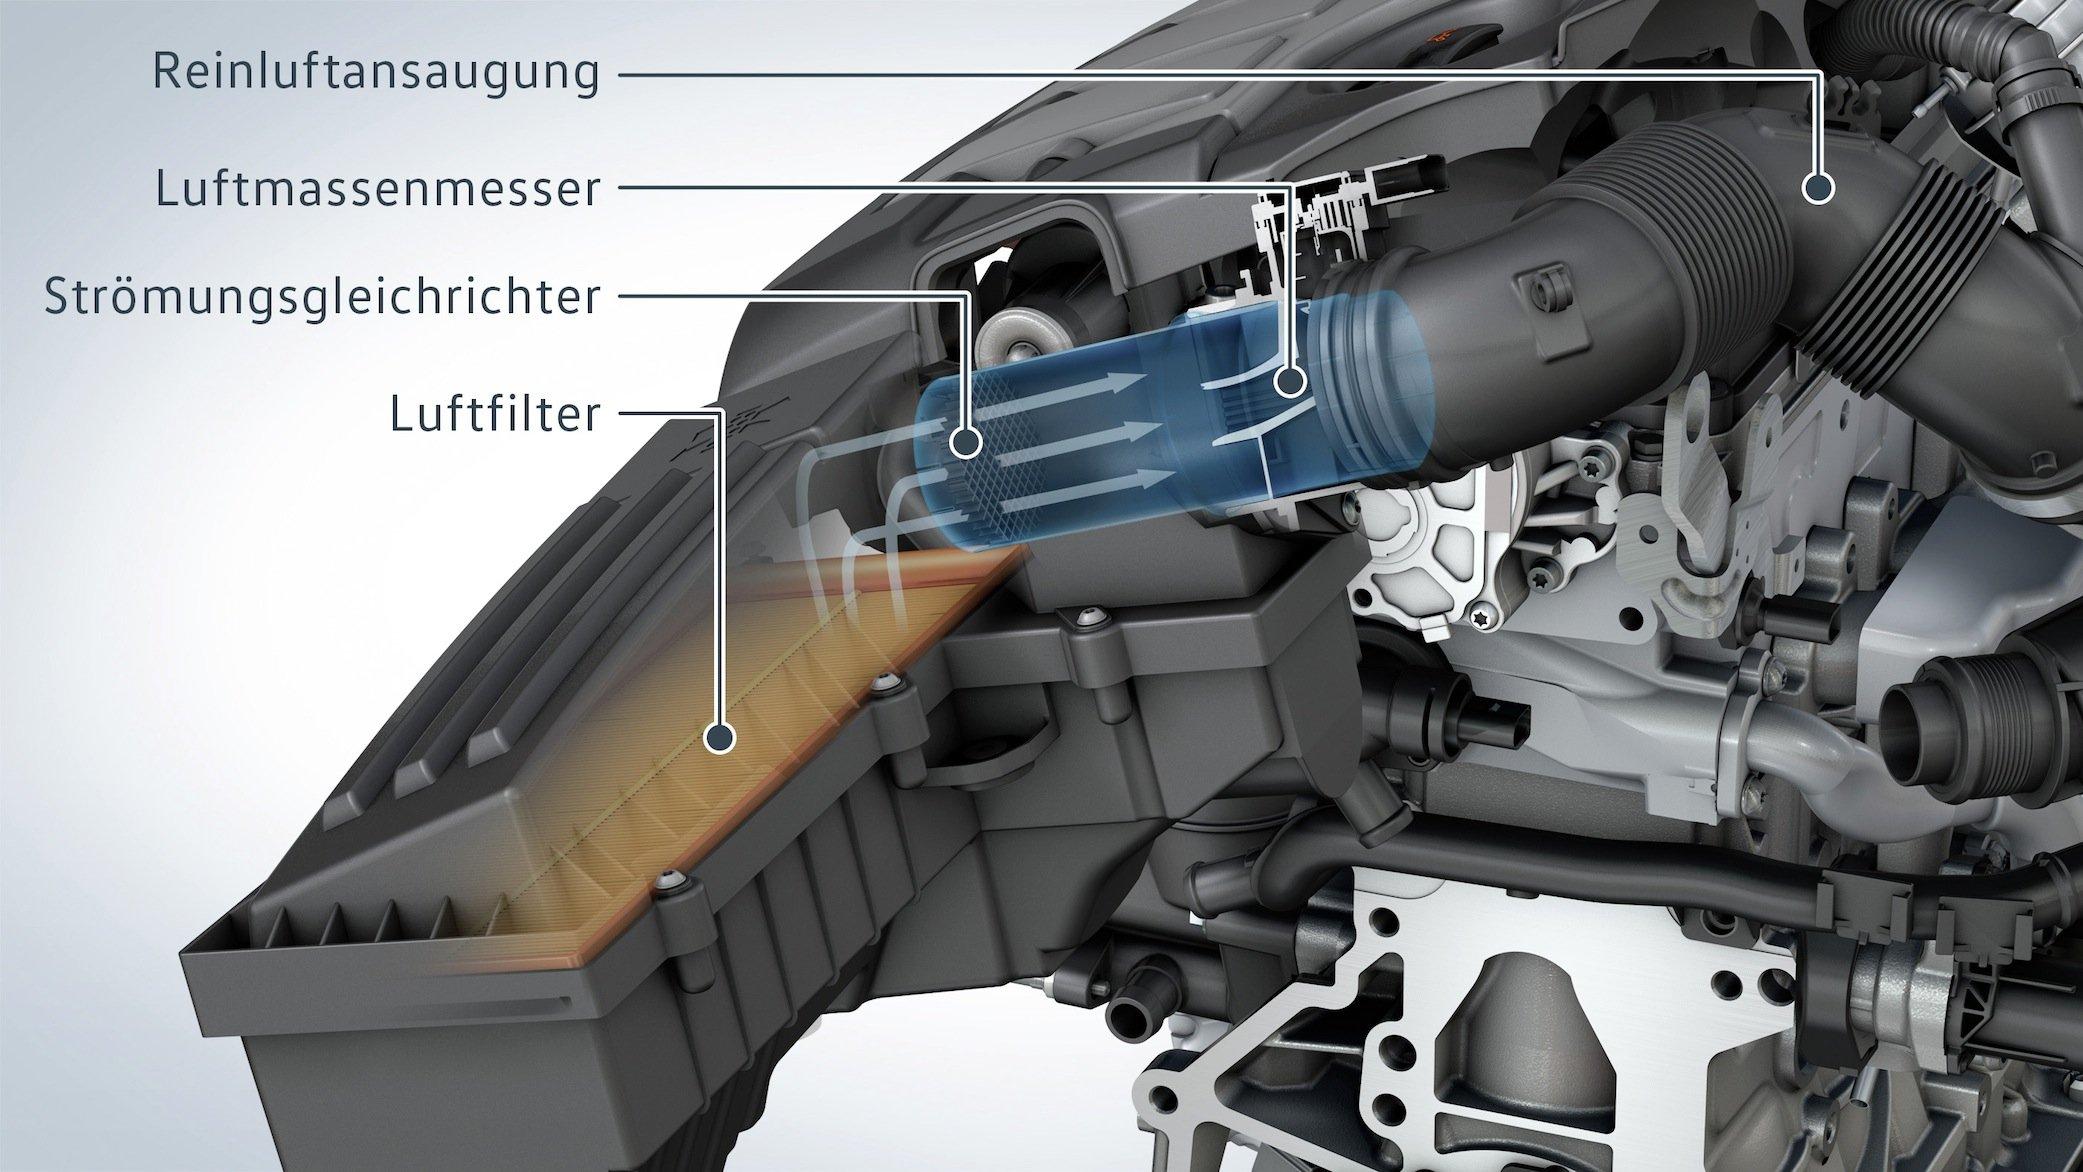 DerStrömungsgleichrichter soll die Verbrennung im Dieselmotor optimieren und damit die Stickoxid-Emissionen reduzieren.